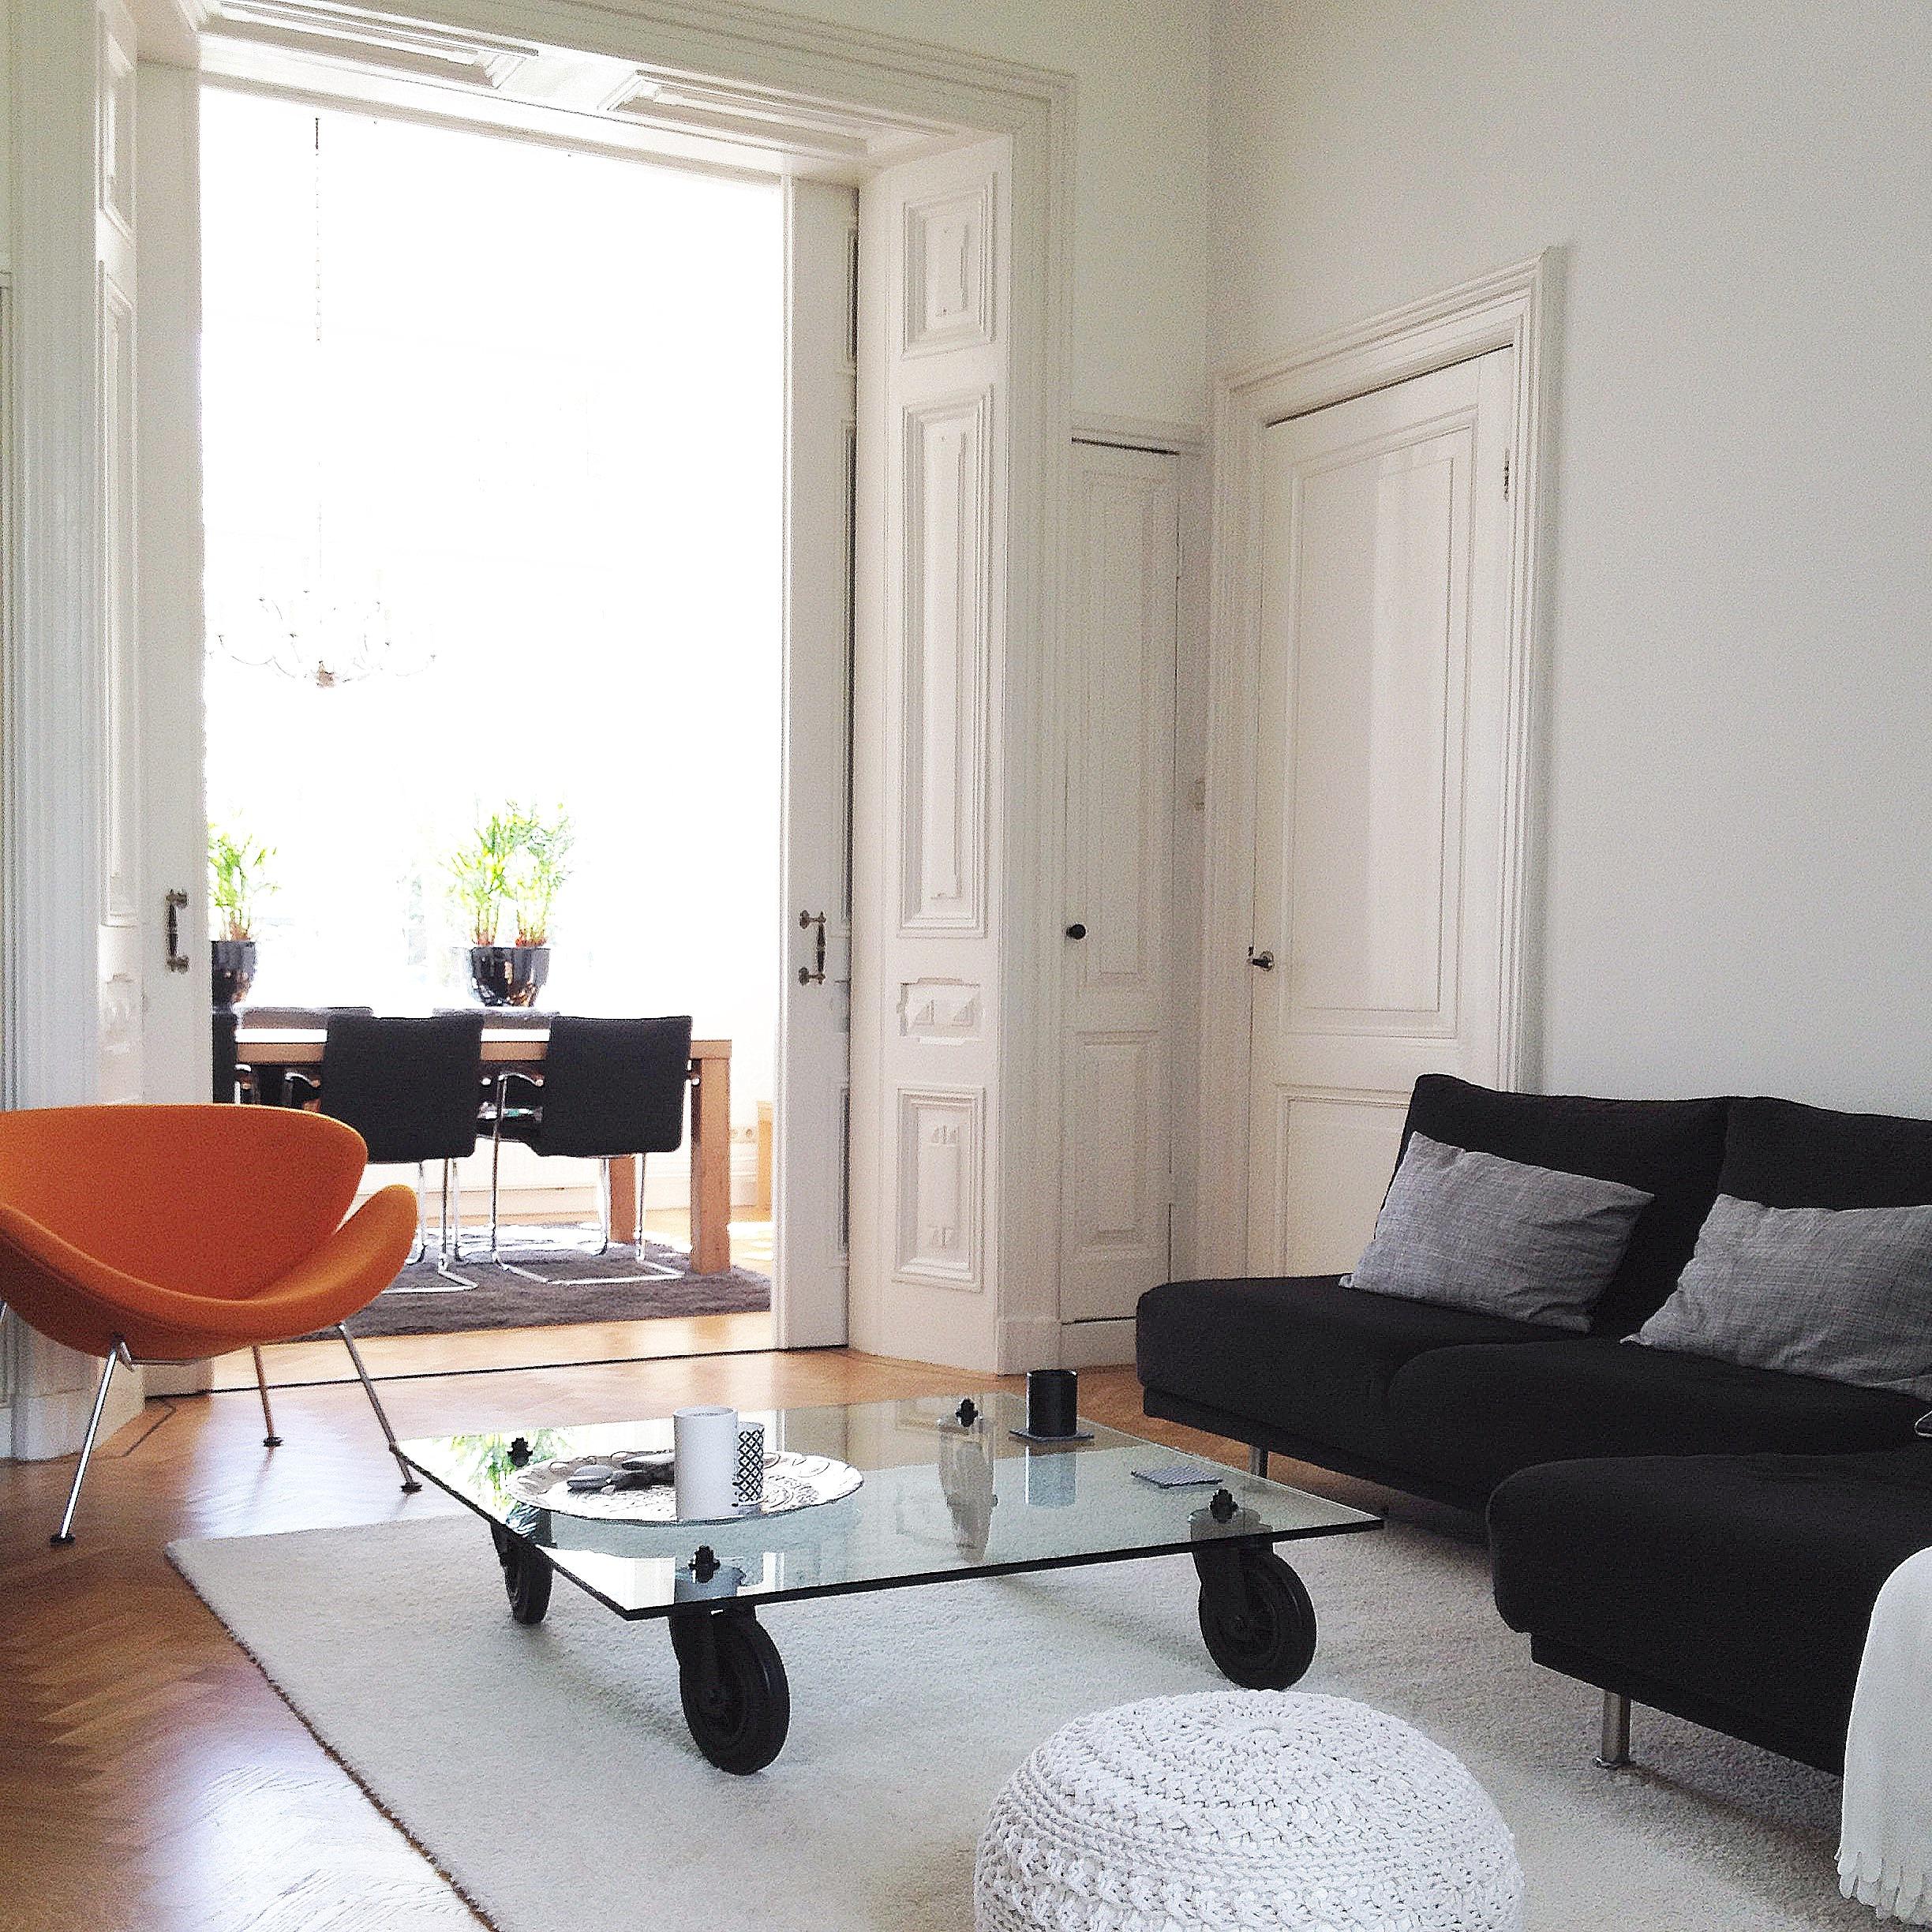 Binnenkijken in het herenhuis van marloes en bas inspiratie voor je interieur - Interieur oud huis gerenoveerd ...